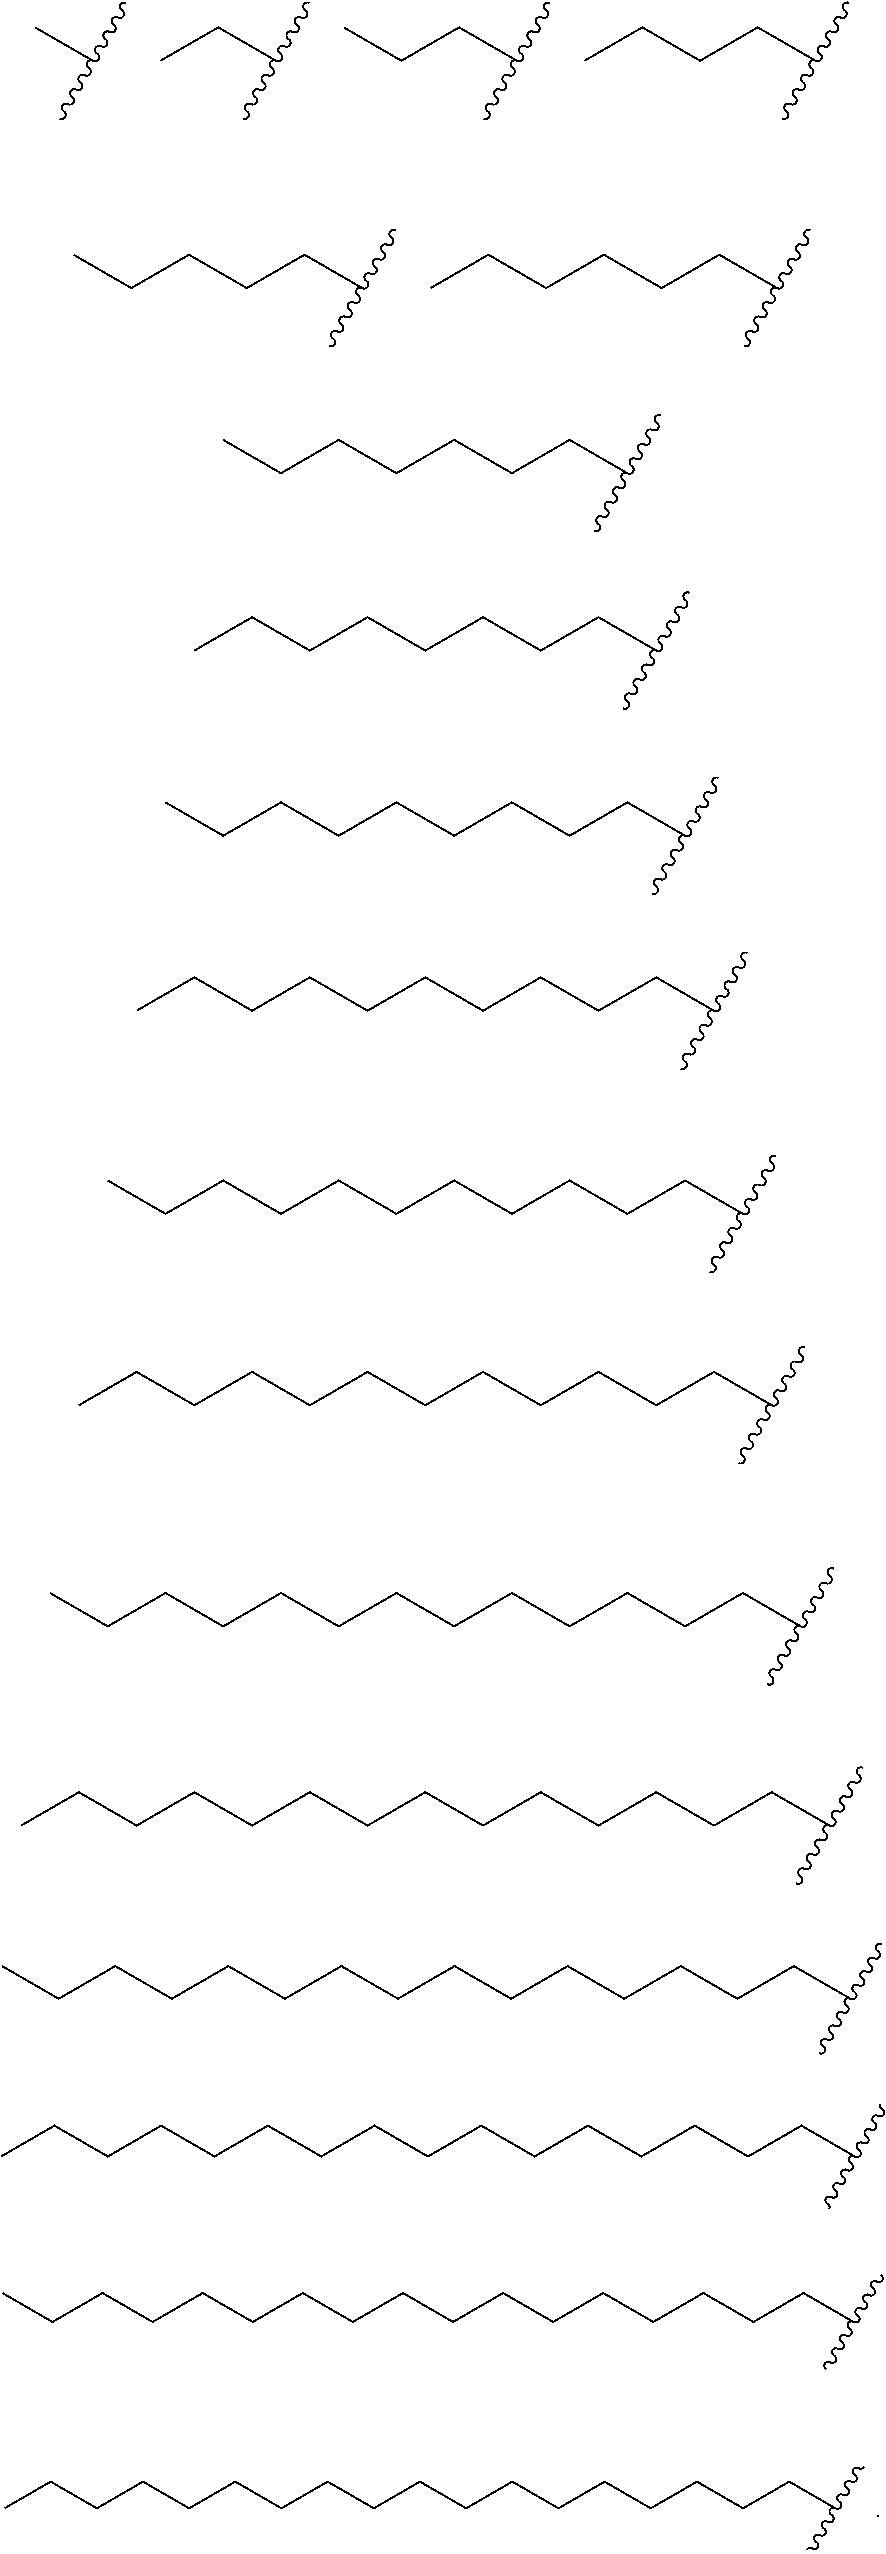 Figure US08969353-20150303-C00111